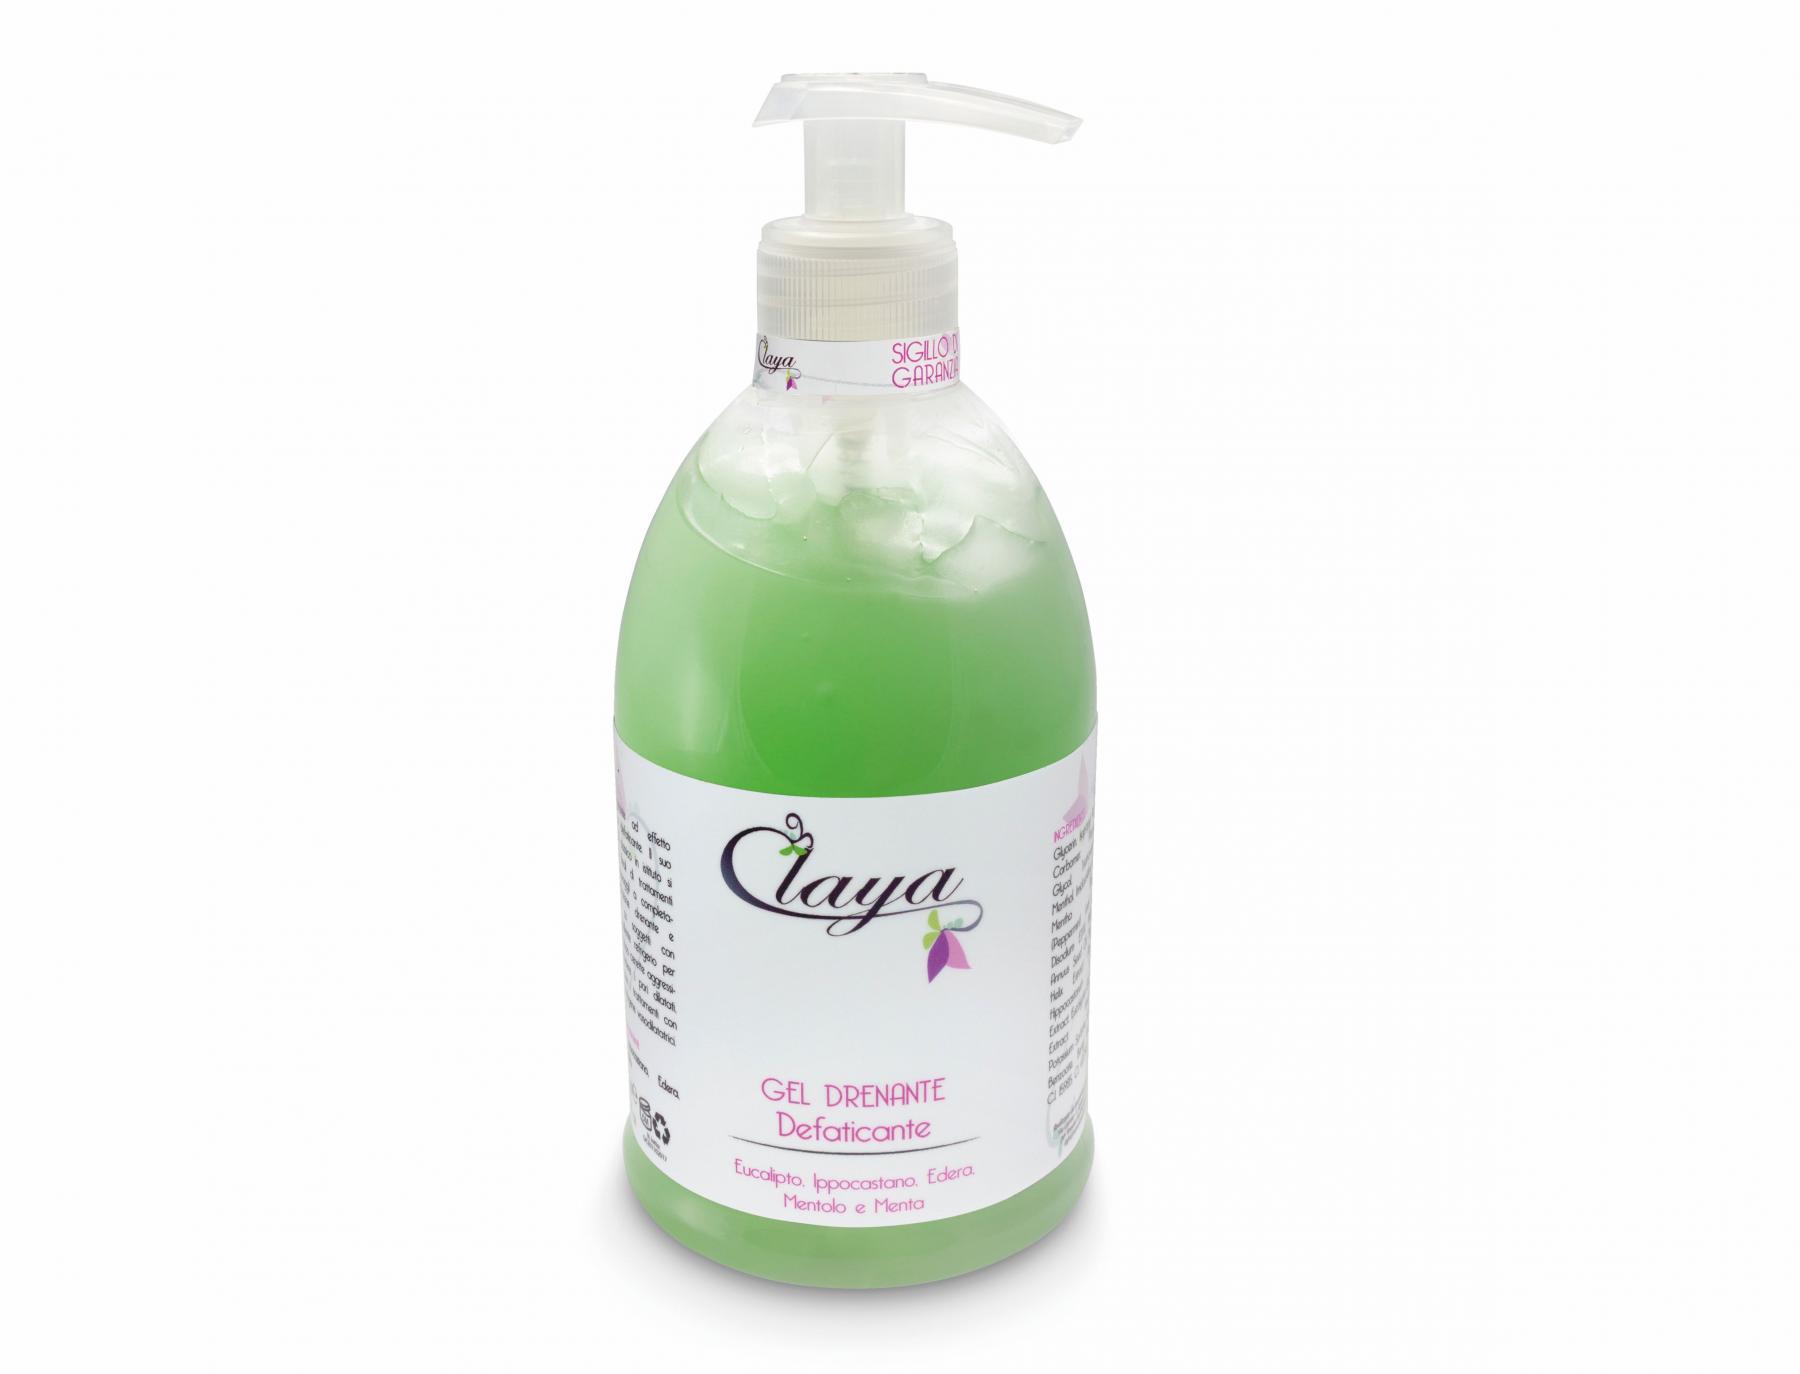 Claya cosmetici gel drenante defaticante